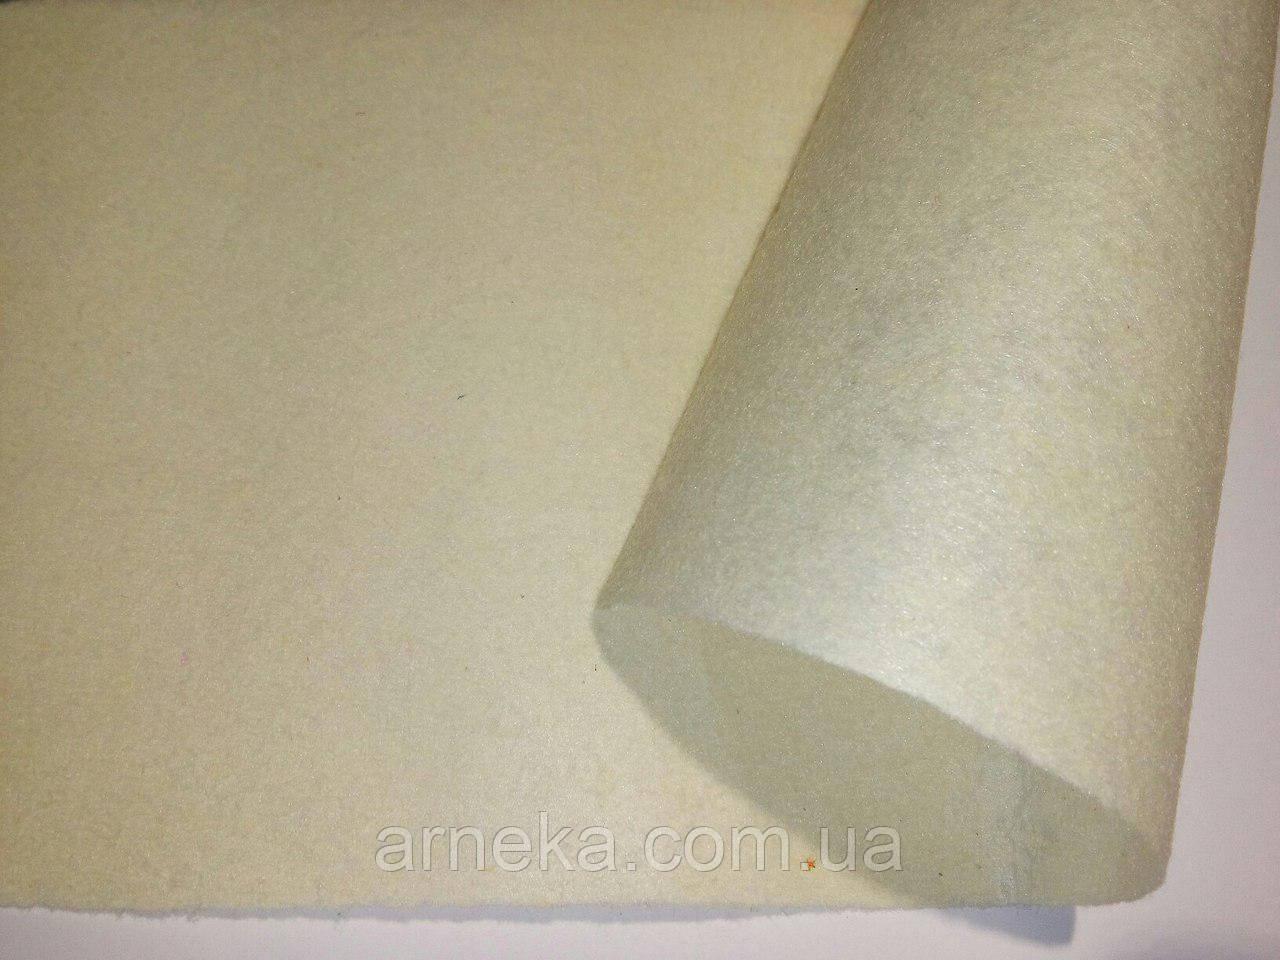 Фетр 20*25см, толщина 1 мм кремовый